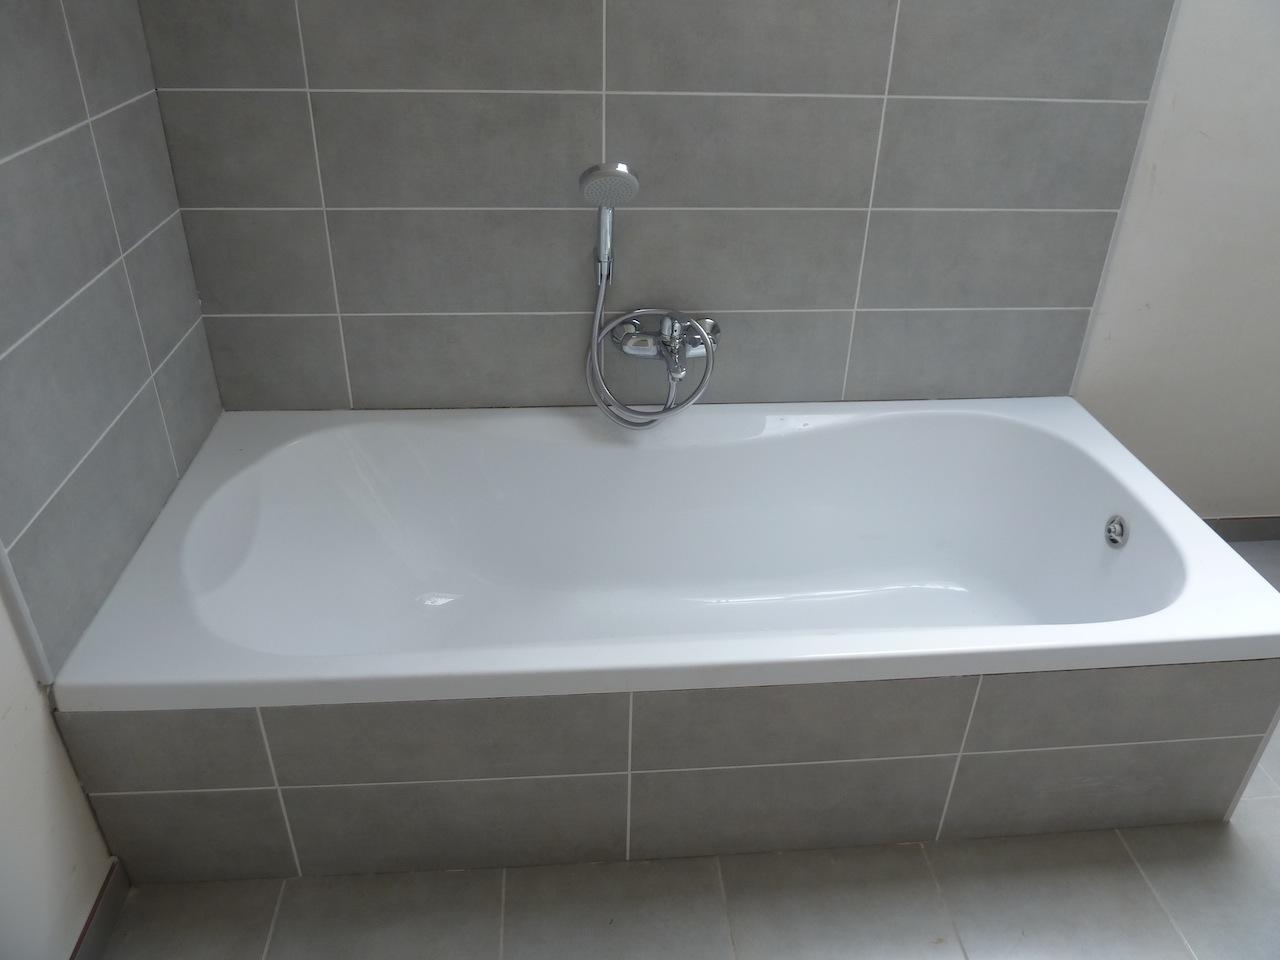 changer robinet baignoire sans trappe cheap joint de baignoire comment le retirer et le poser. Black Bedroom Furniture Sets. Home Design Ideas